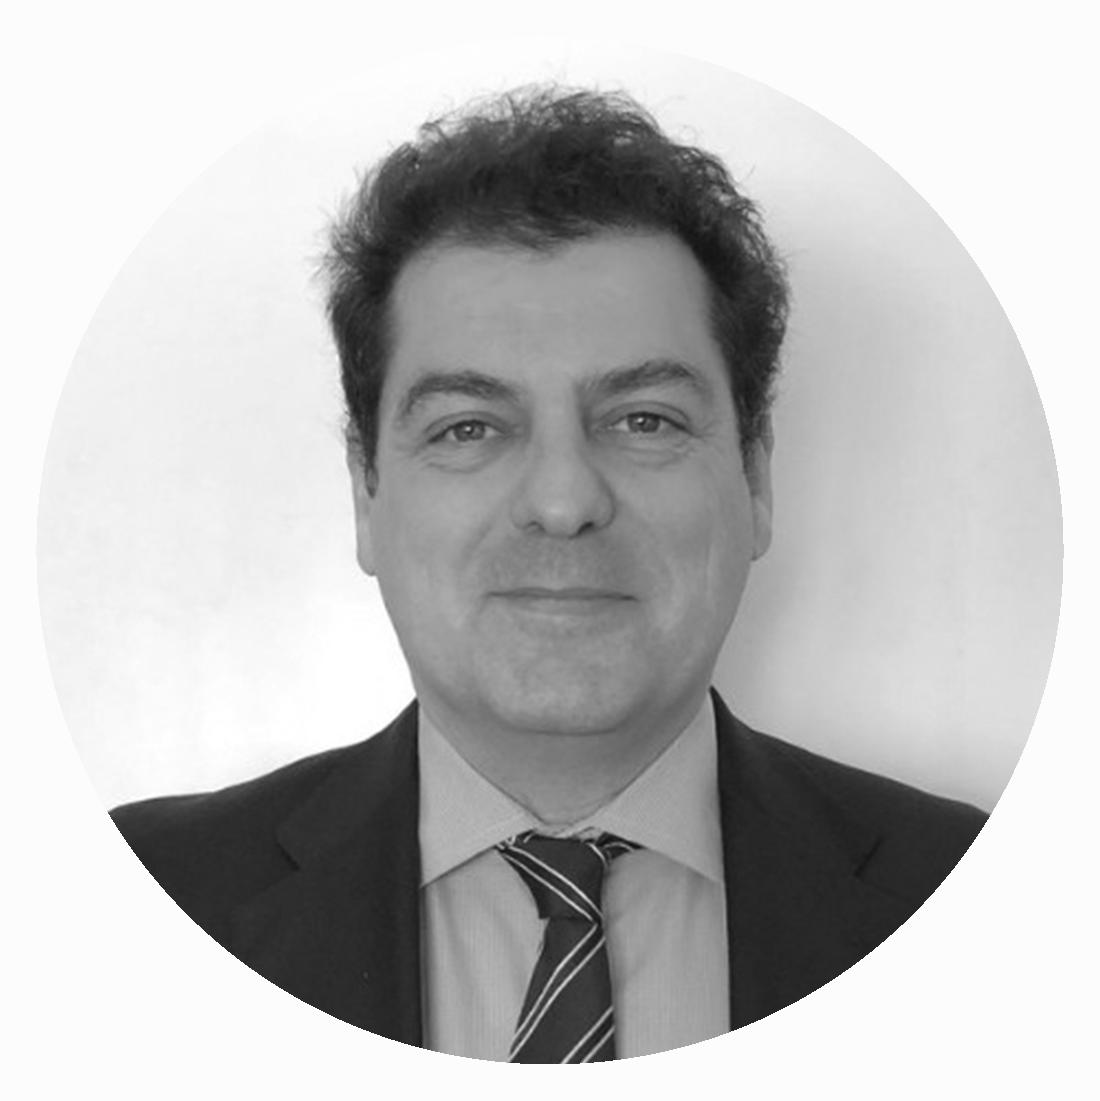 Avelino Correa